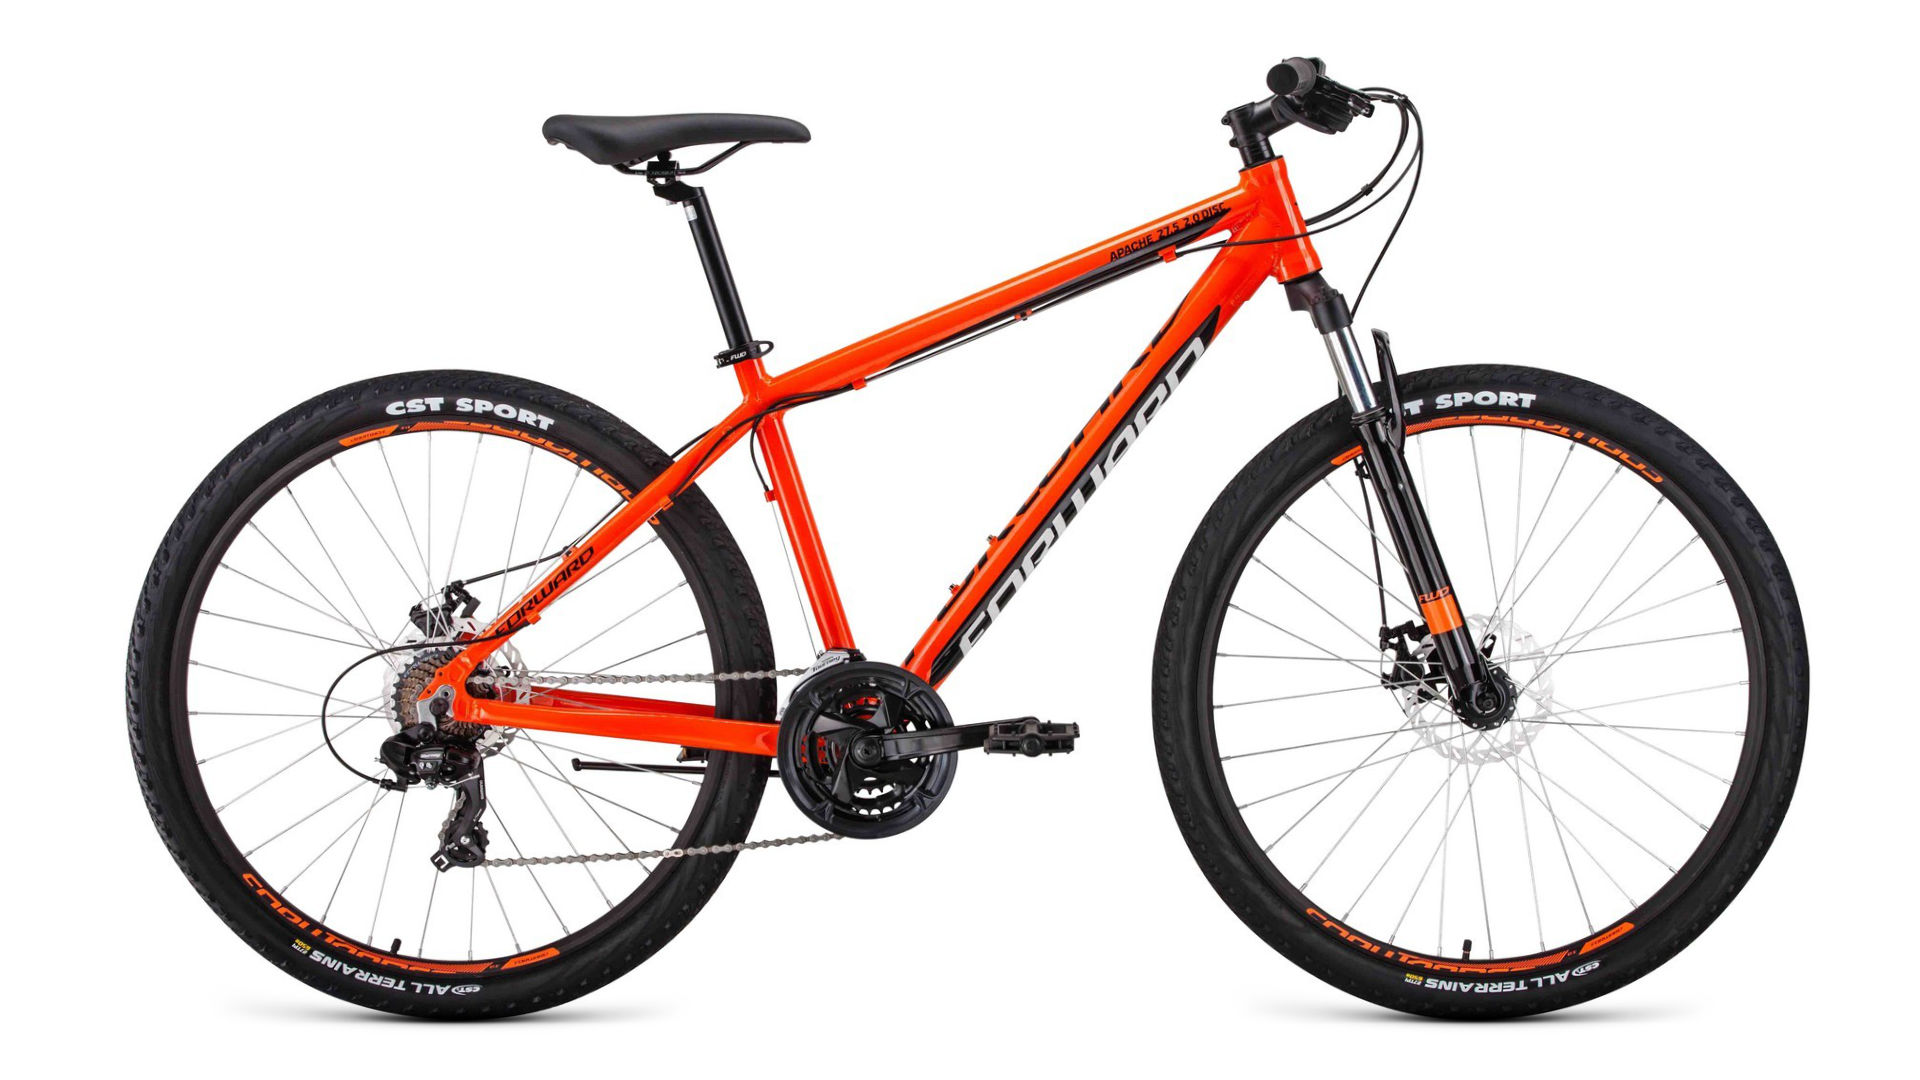 FORWARD Велосипед Forward Apache 27.5 2.0 disc (2020) оранжевый/черный 19